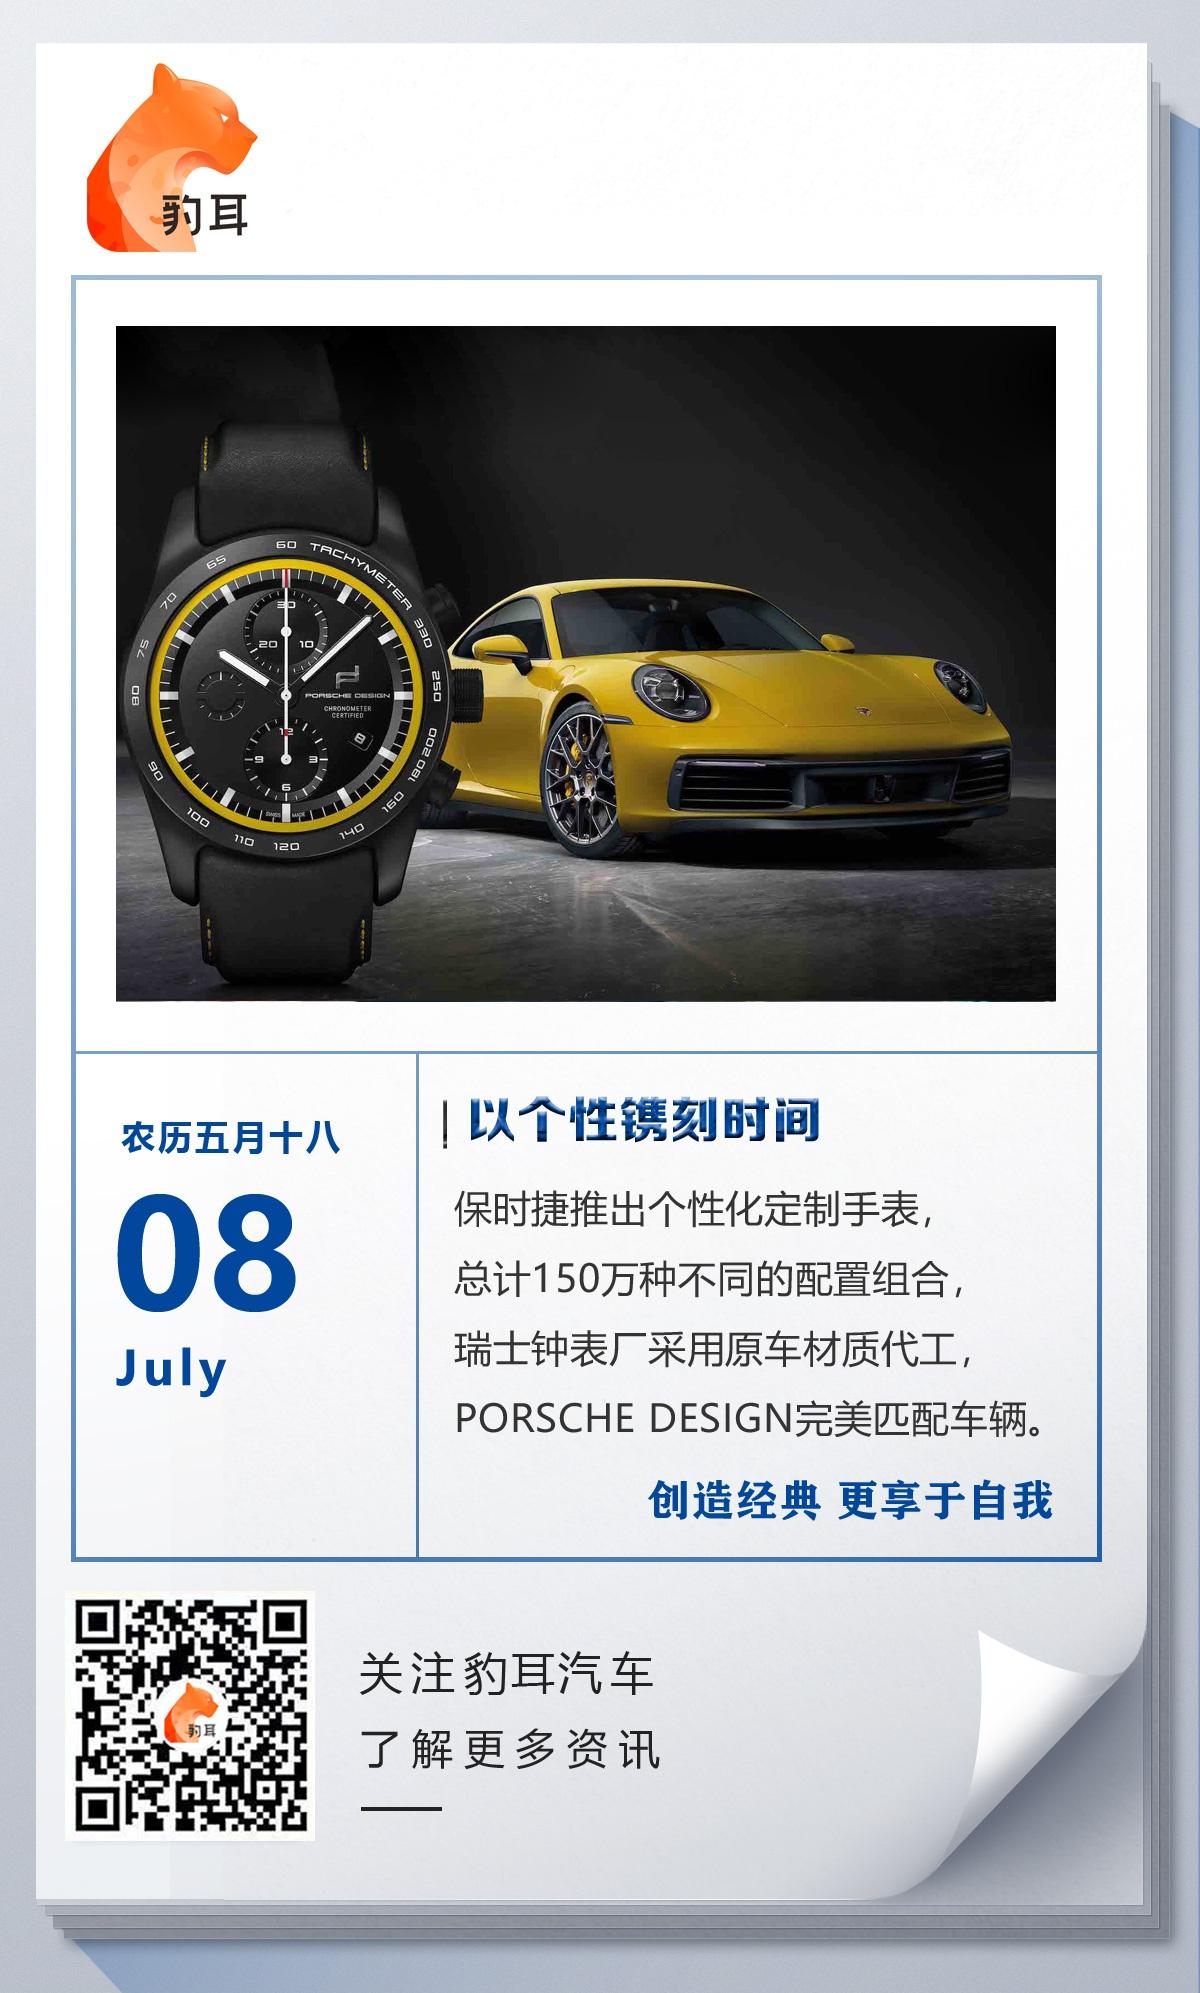 汽车日历 以个性镌刻时间 保时捷推出150万种选择的定制手表